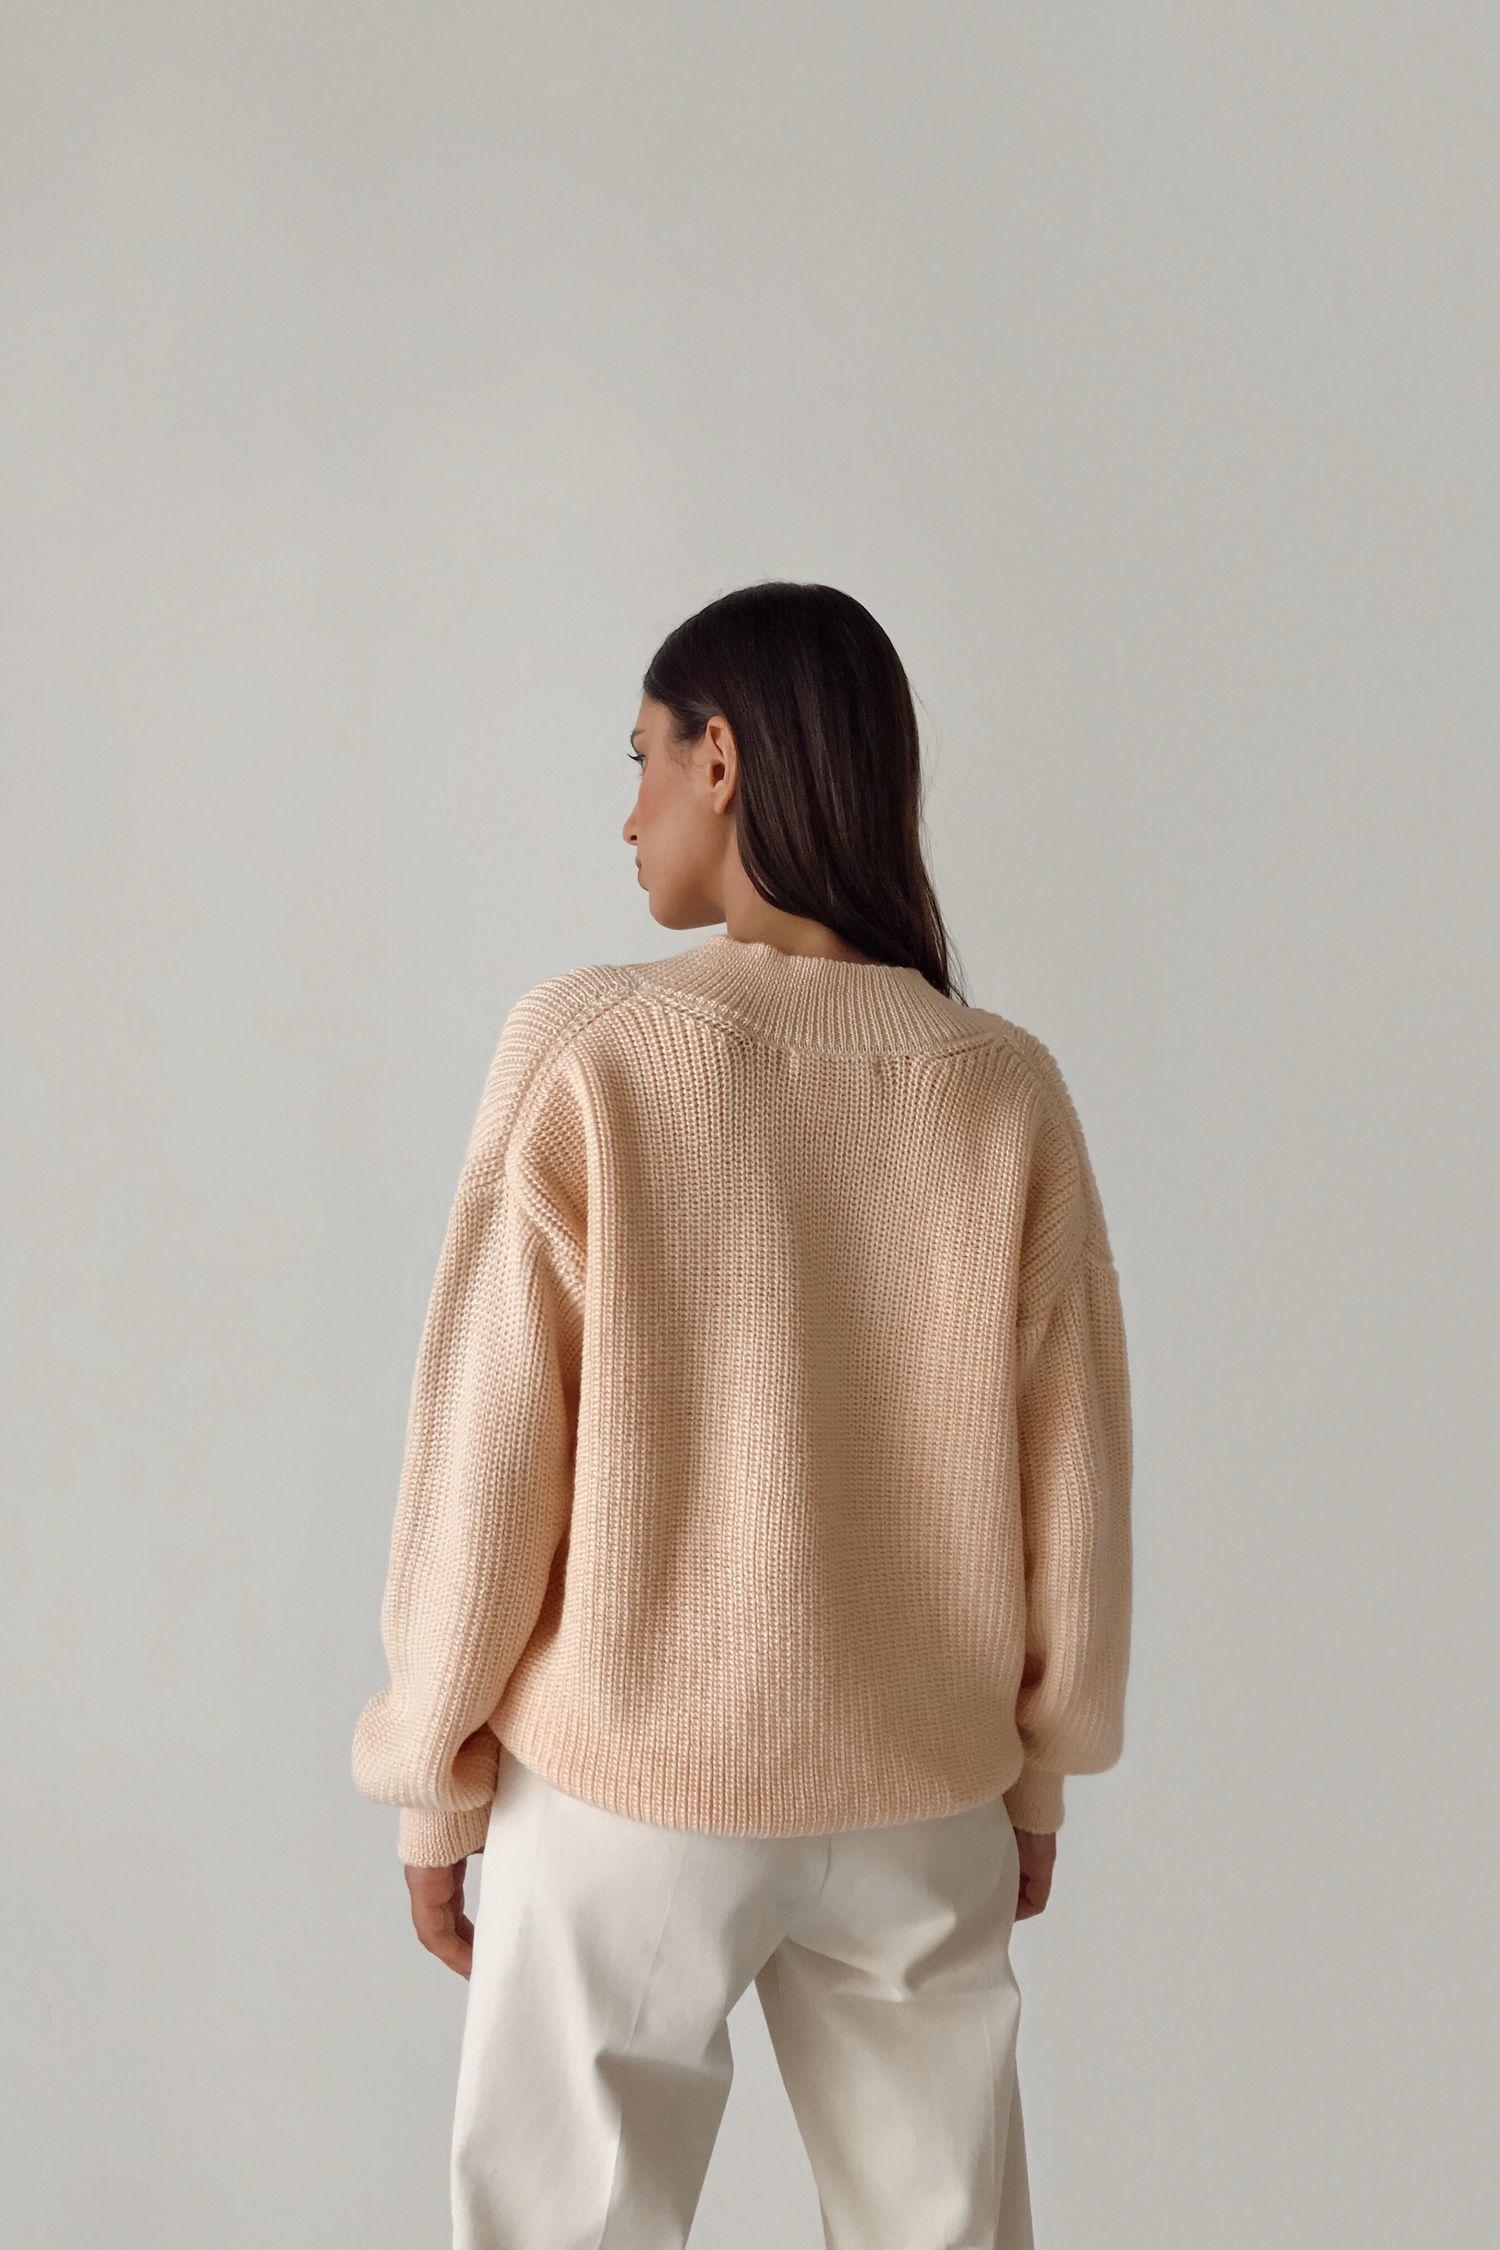 Шерстяной свитер с вырезом цвета крем-брюле - THE LACE